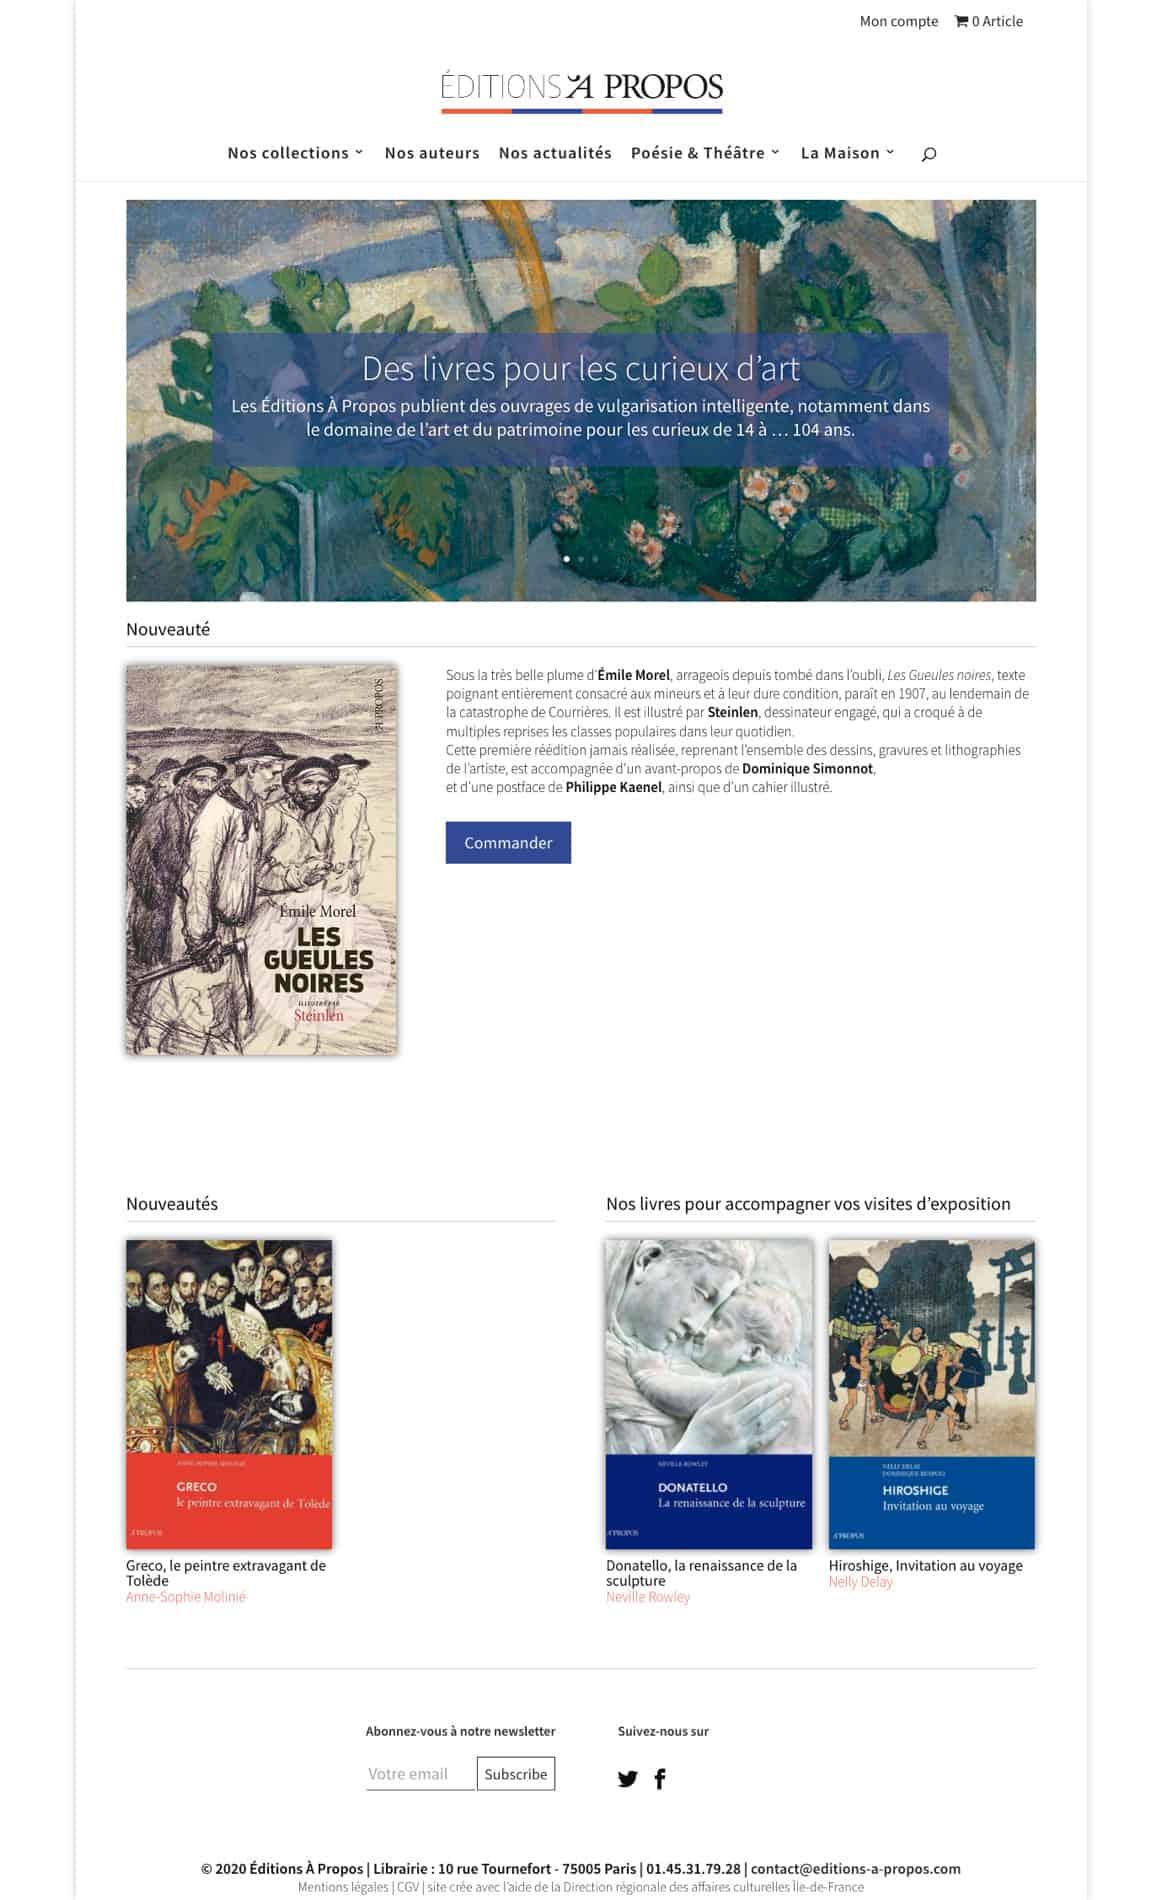 Refonte site marchand Editions A Propos par 123clic